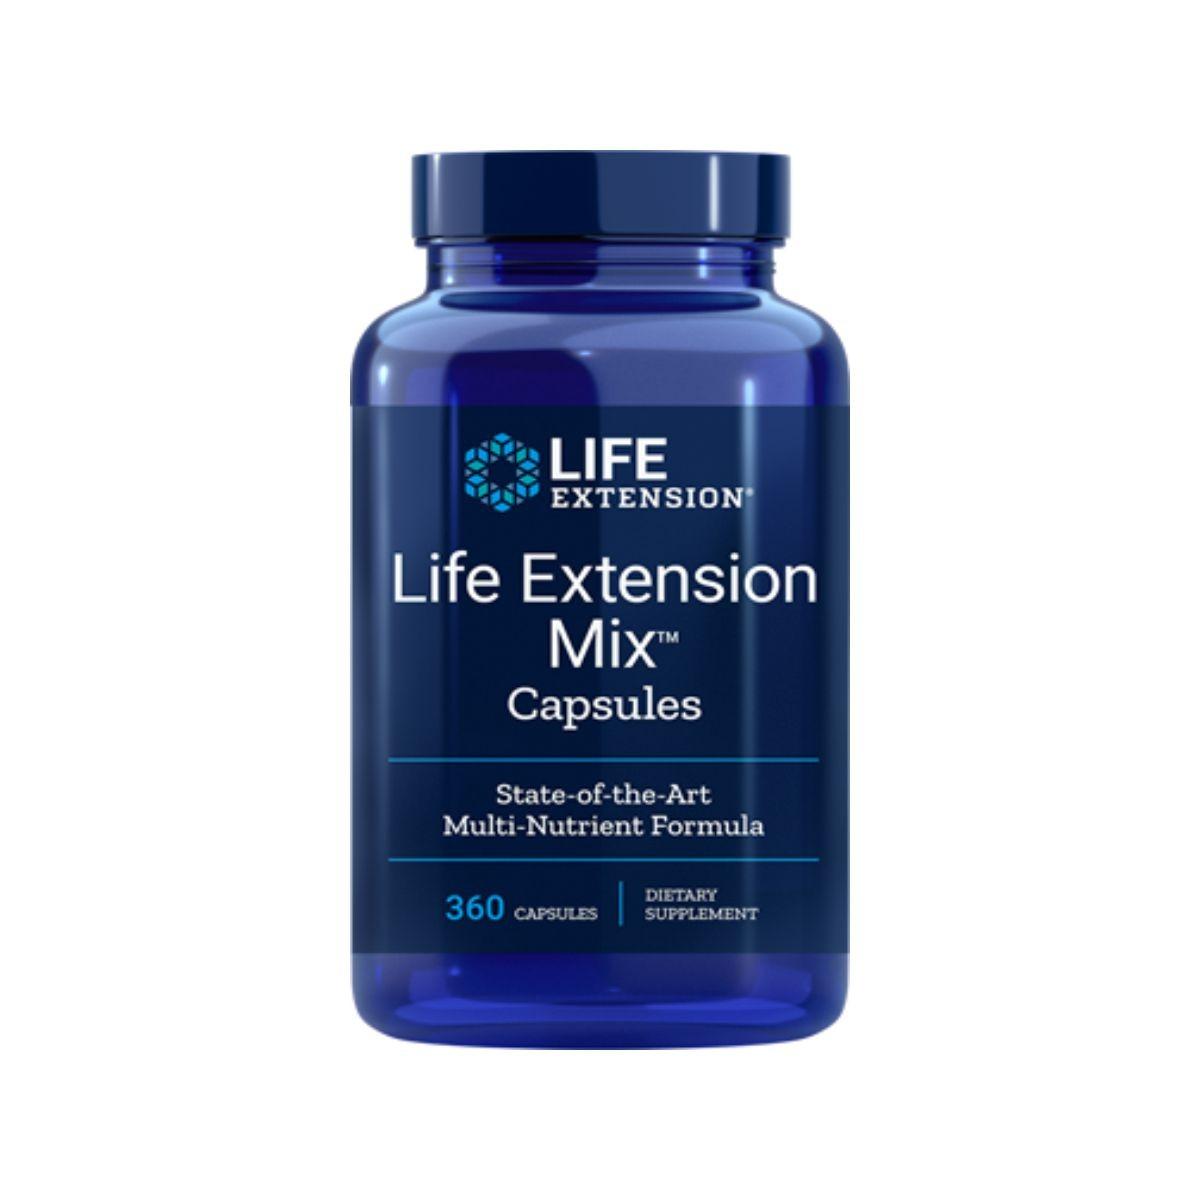 Mix Capsules 360 Caps - Life Extension